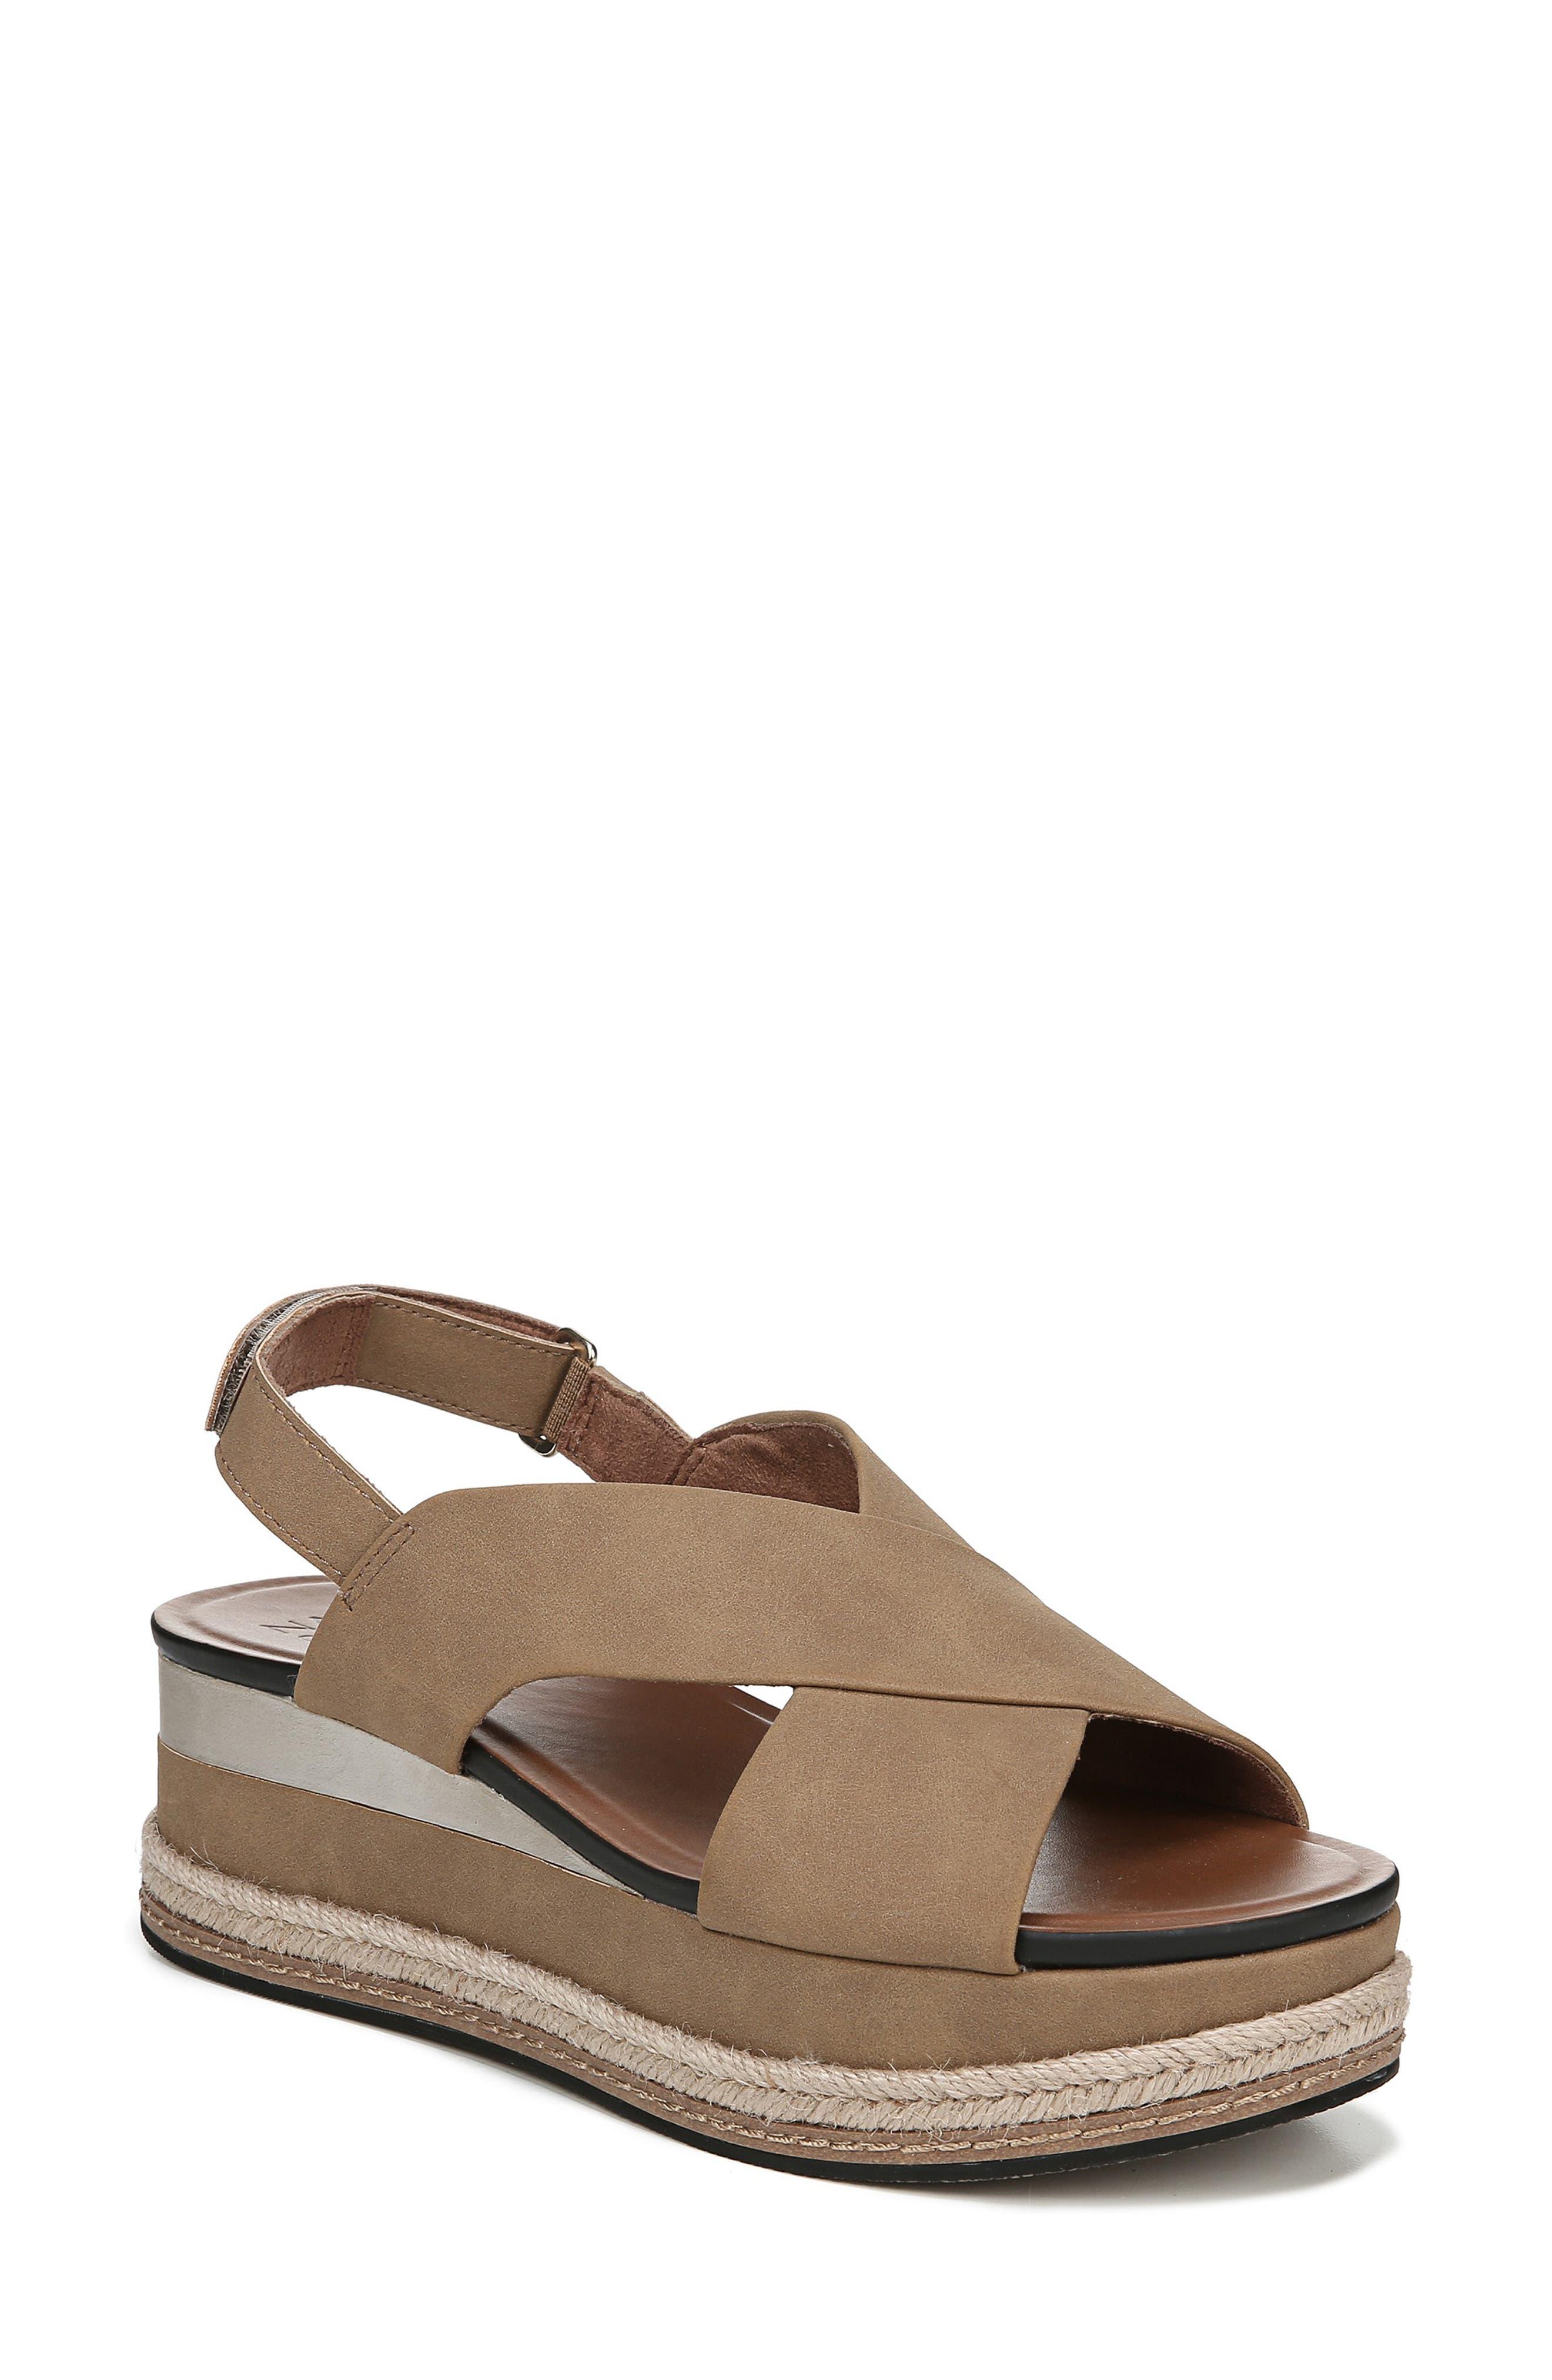 Naturalizer Baya Espadrille Wedge Sandal, Brown